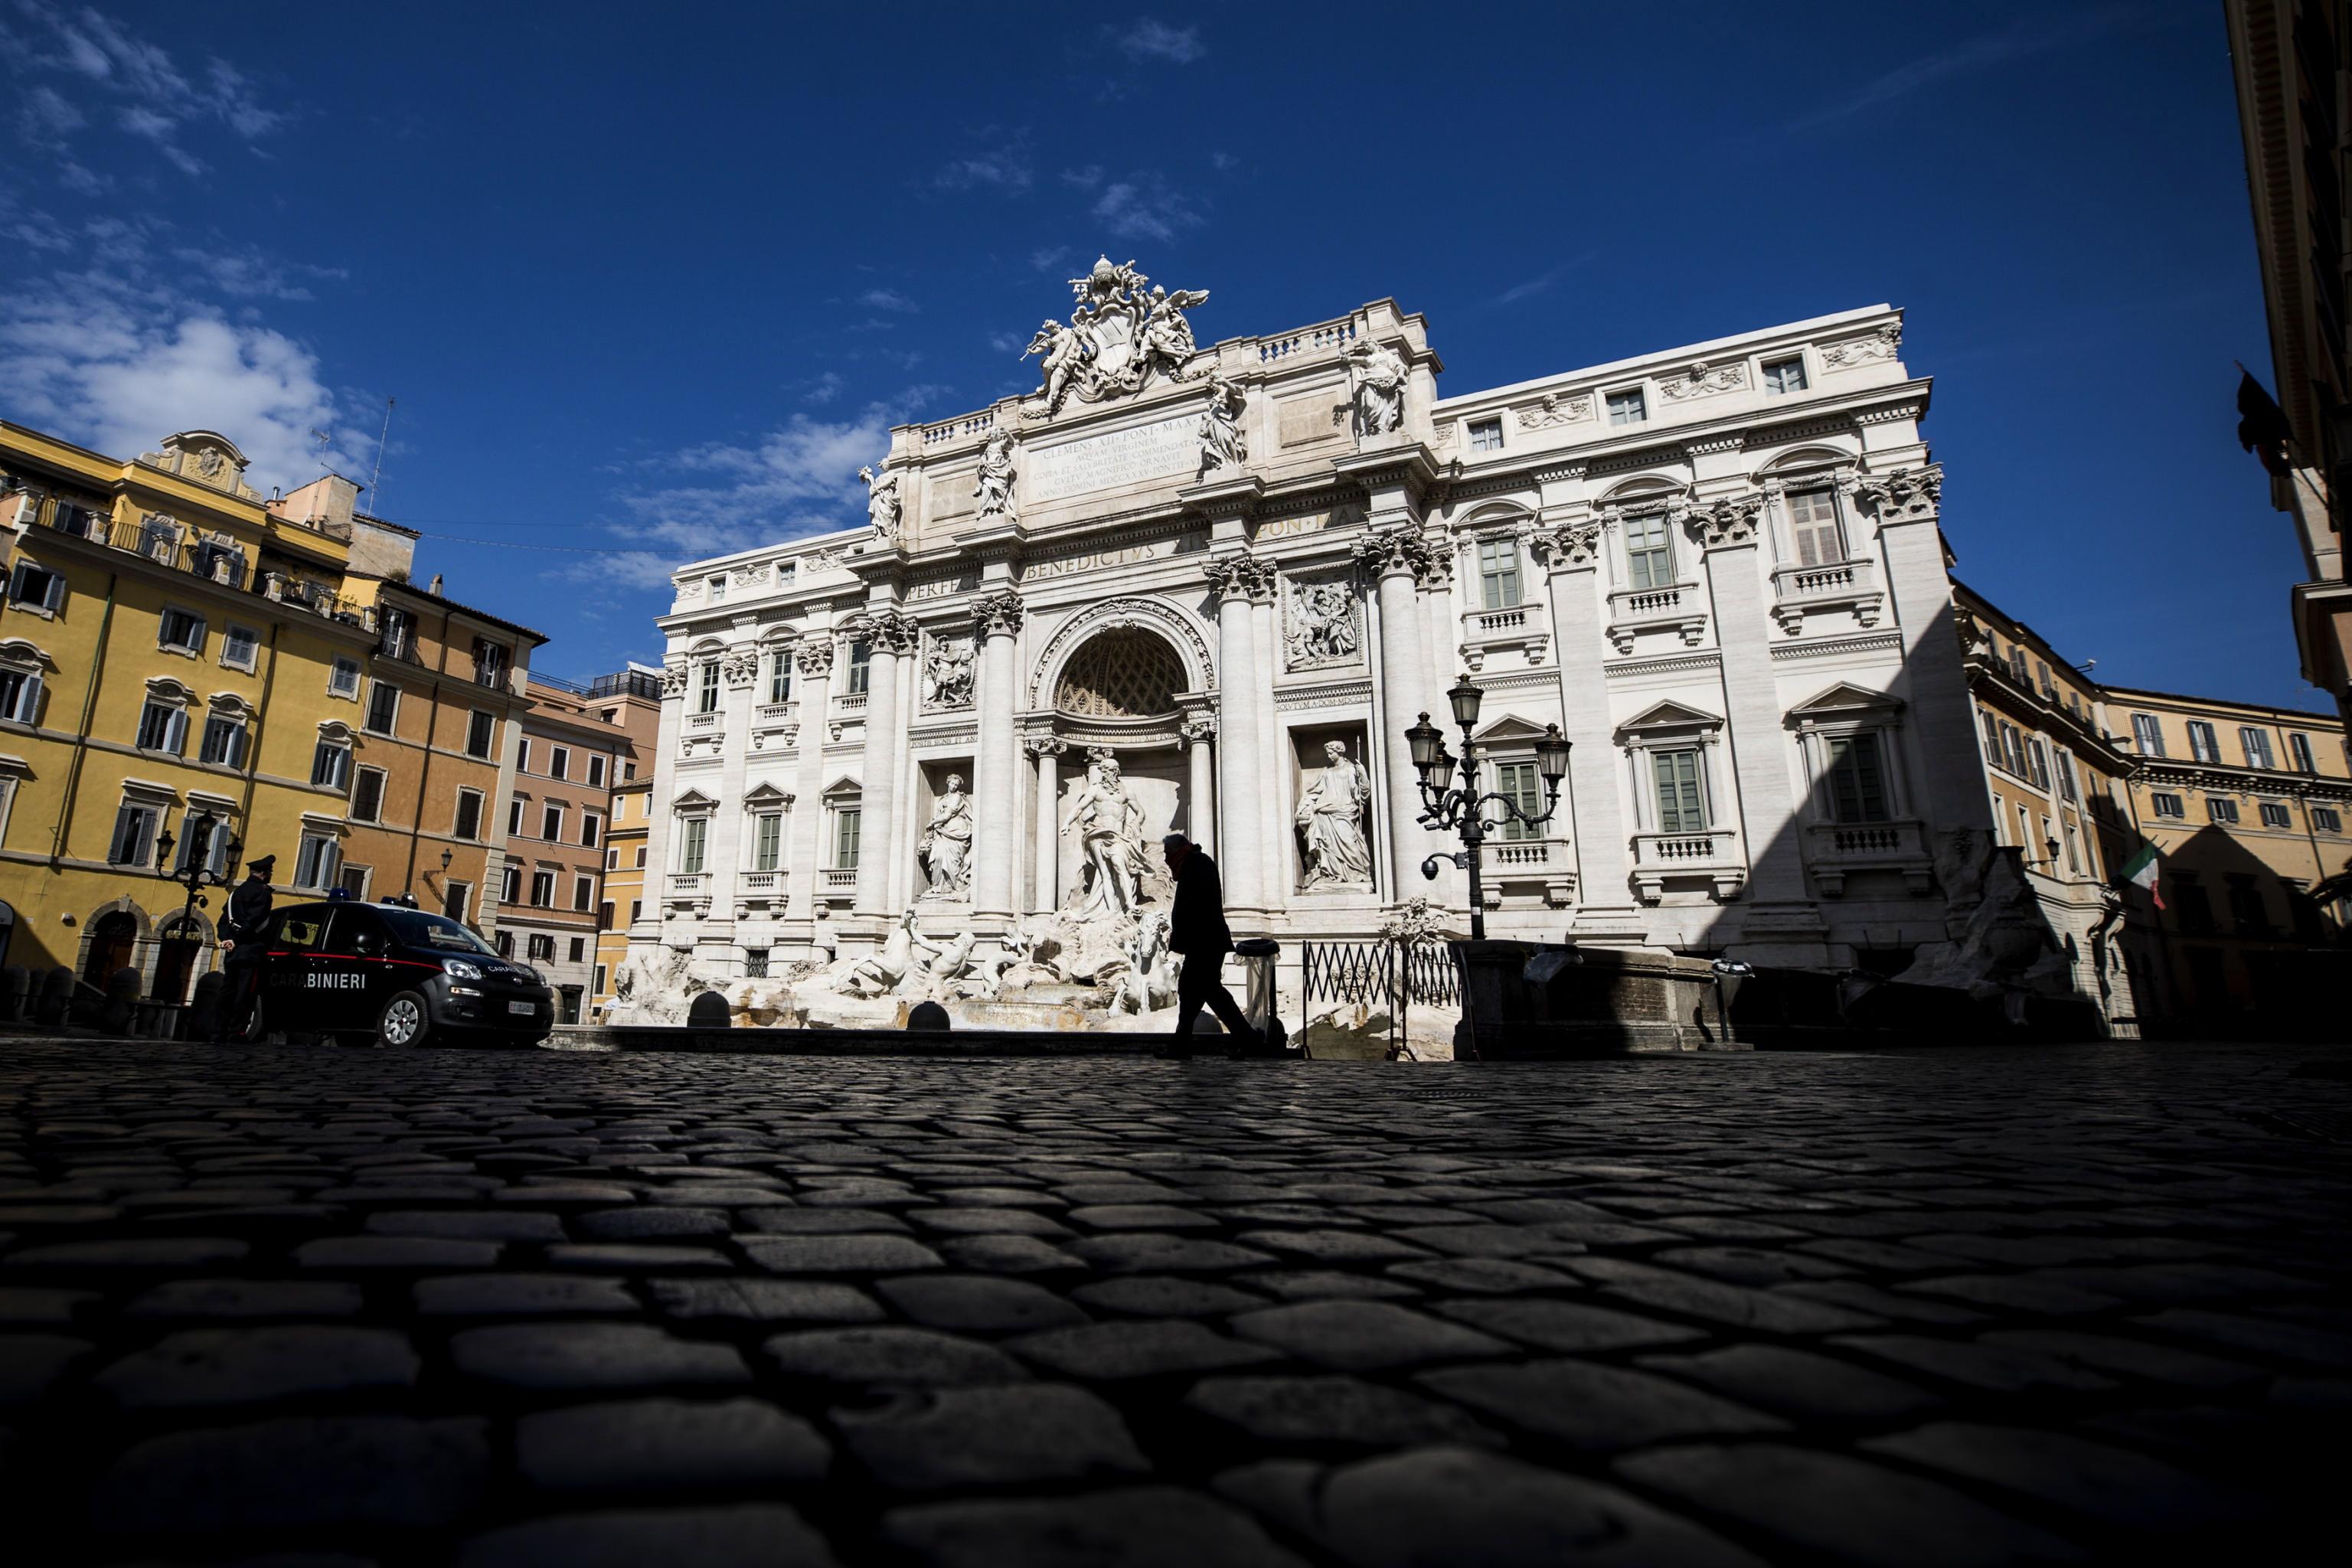 Een foto van een verlaten Rome tijdens de strenge lockdown